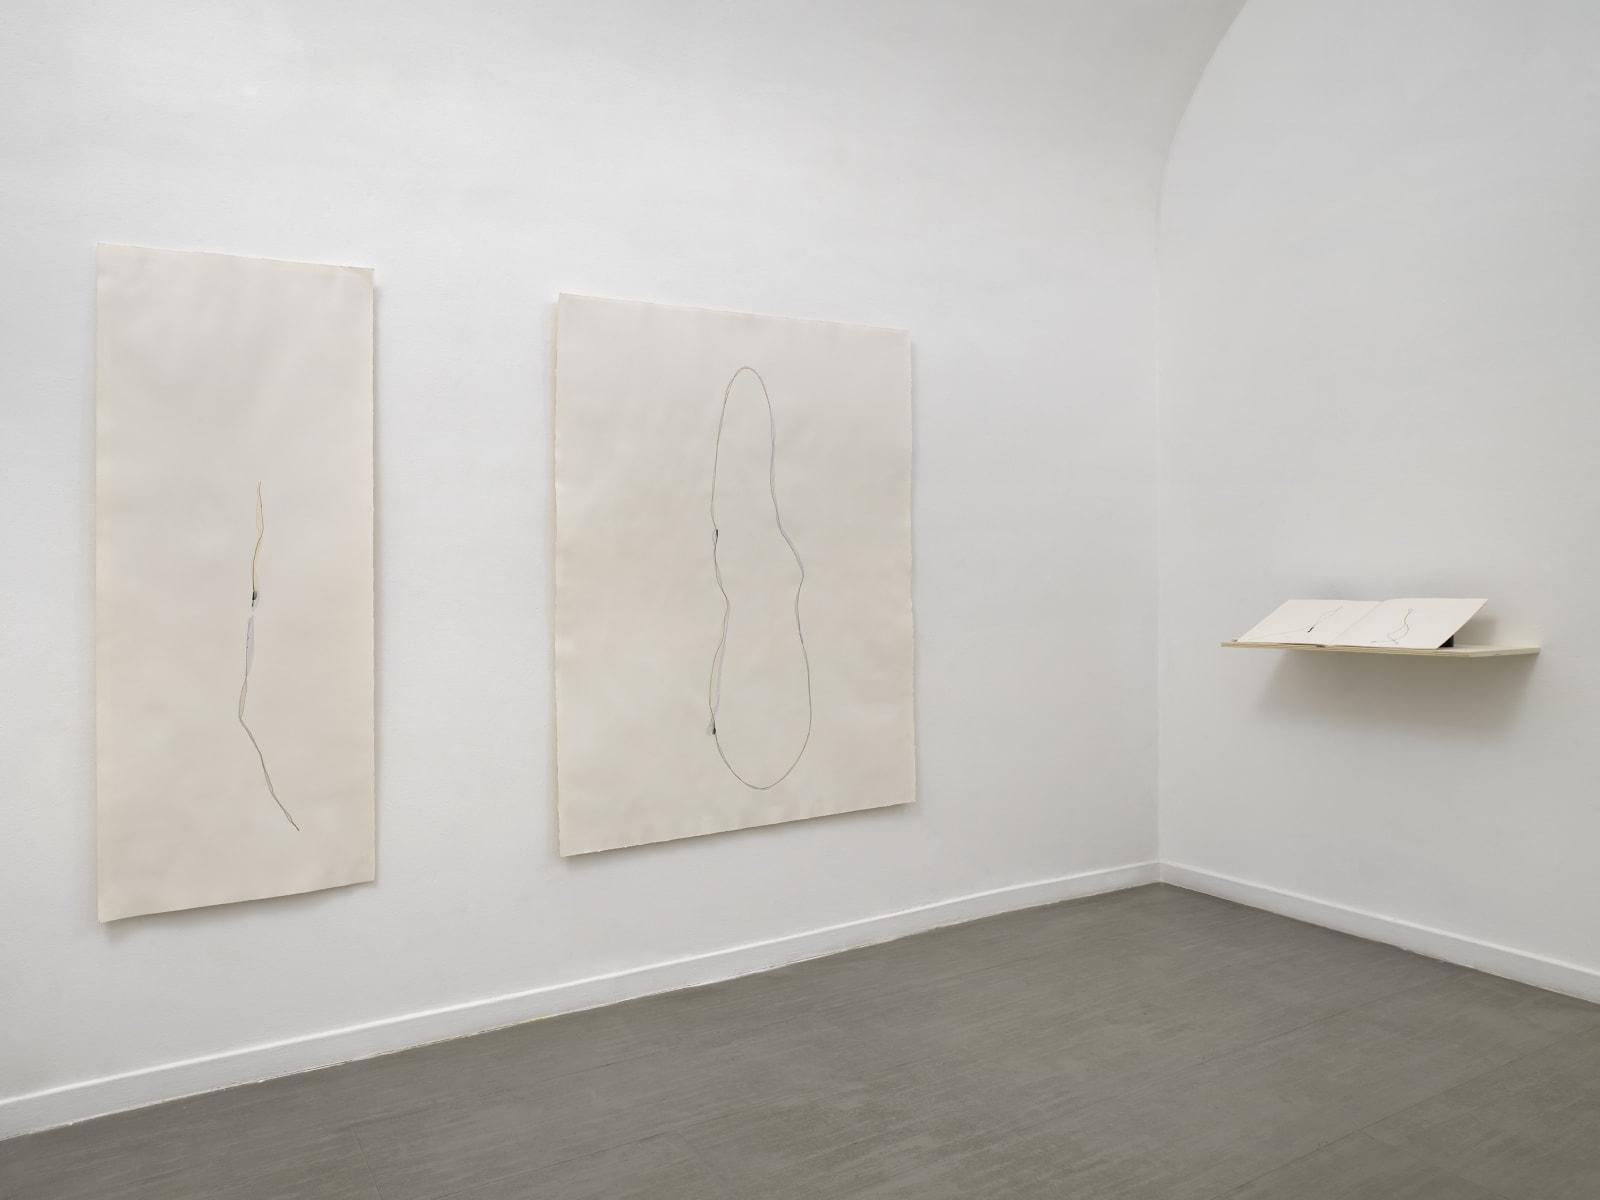 Beatrice Pediconi Nude curated by Cecilia Canziani installation view of the second room ph. Dario Lasagni